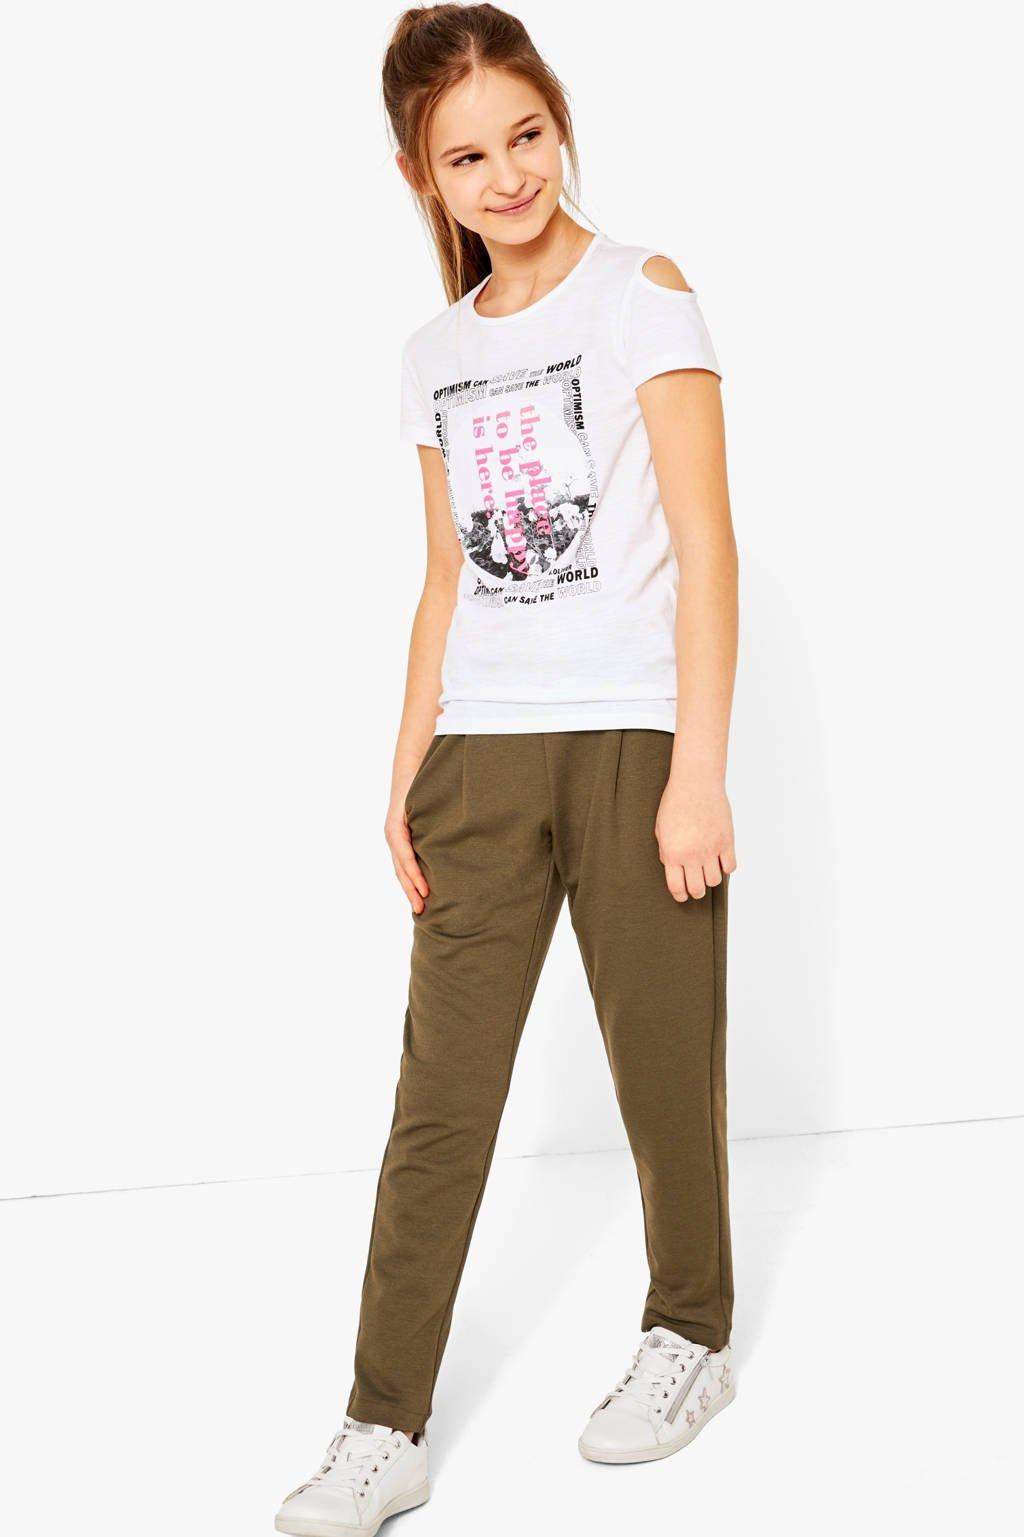 s.Oliver T-shirt met printopdruk wit, Wit